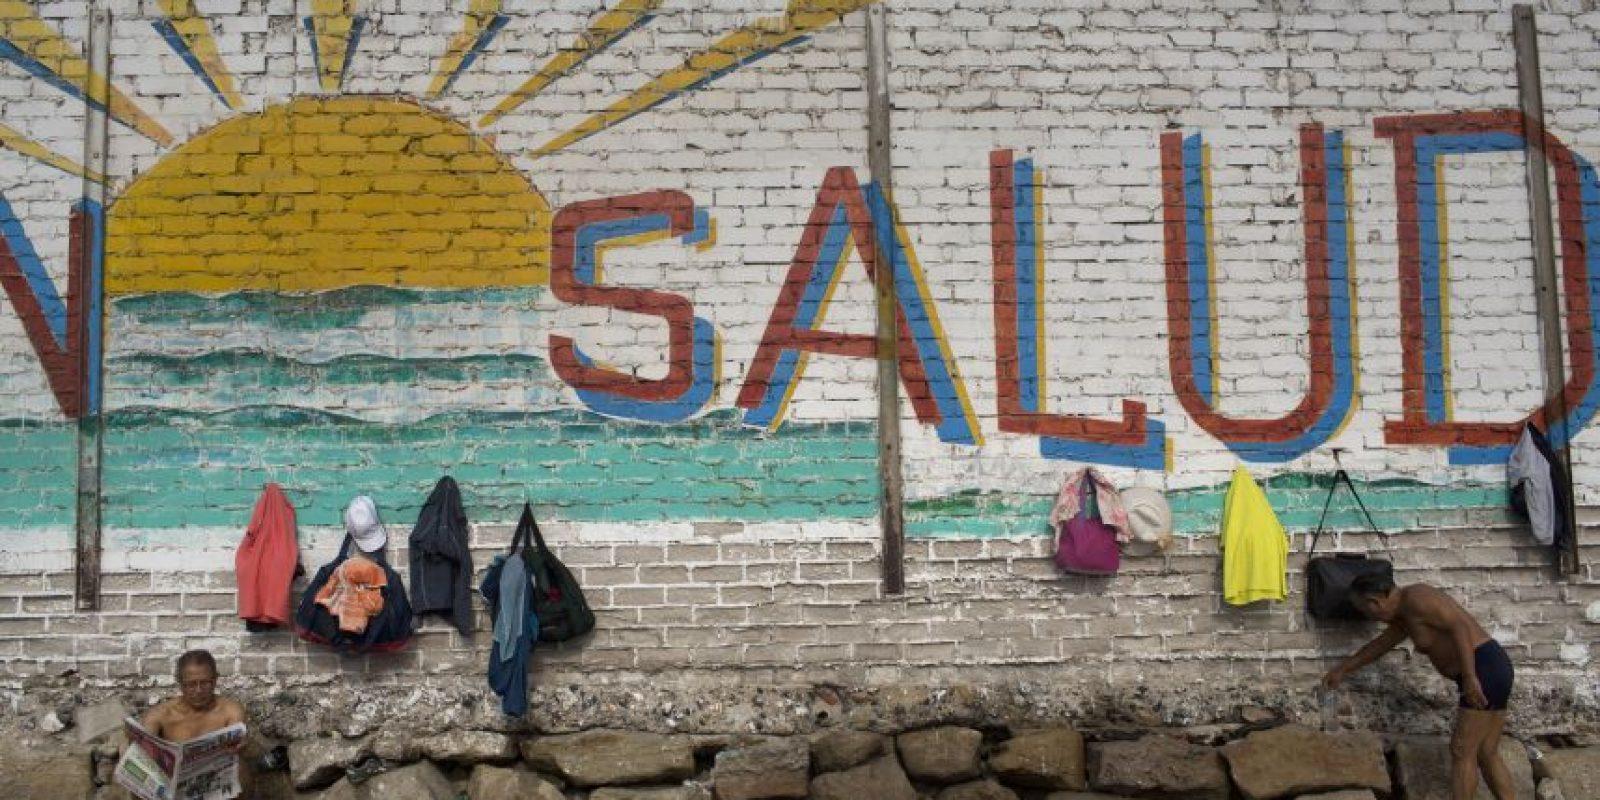 """En esta foto, tomada el 25 de abril de 2015, un hombre lee el periódico junto a una pared con un sol y la palabra """"Salud"""" pintados en la playa Pescadores, donde acuden los bañistas para baños terapéuticos, en Lima, Perú. Algunos se abrazan en grupo, saltando, riendo y corriendo junto a la orilla. Otros se bañan en silencio en el mar tranquilo y gris. Foto:AP/ Rodrigo Abd"""